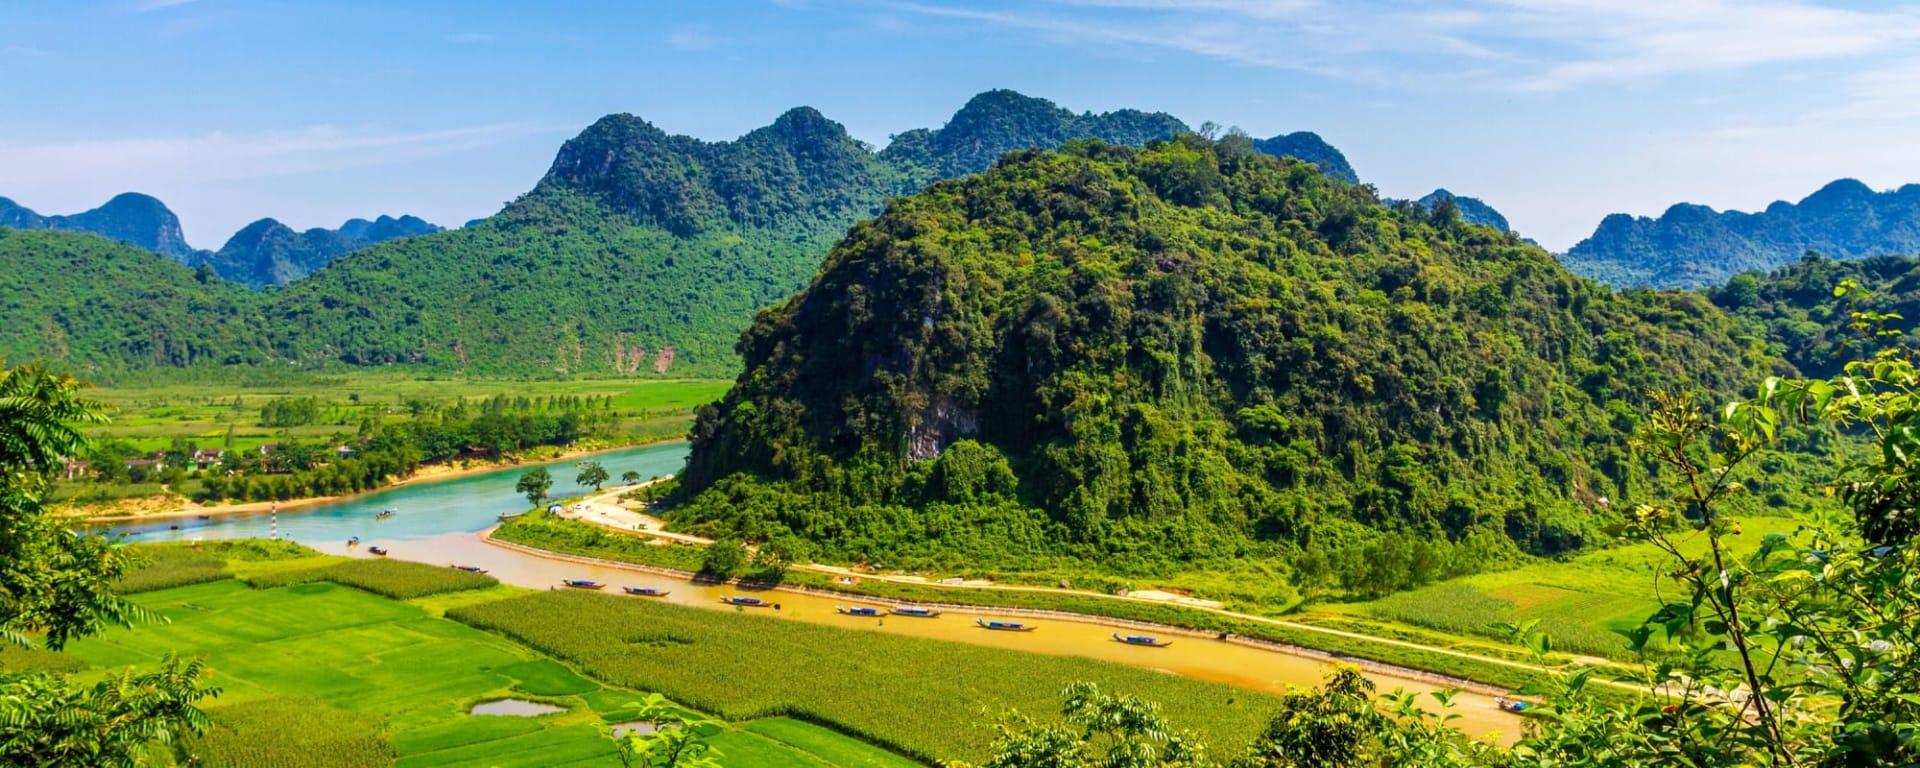 Vietnam Individuell mit dem Zug ab Hanoi: Vietnam Phong Nha Ke Bang Nationalpark